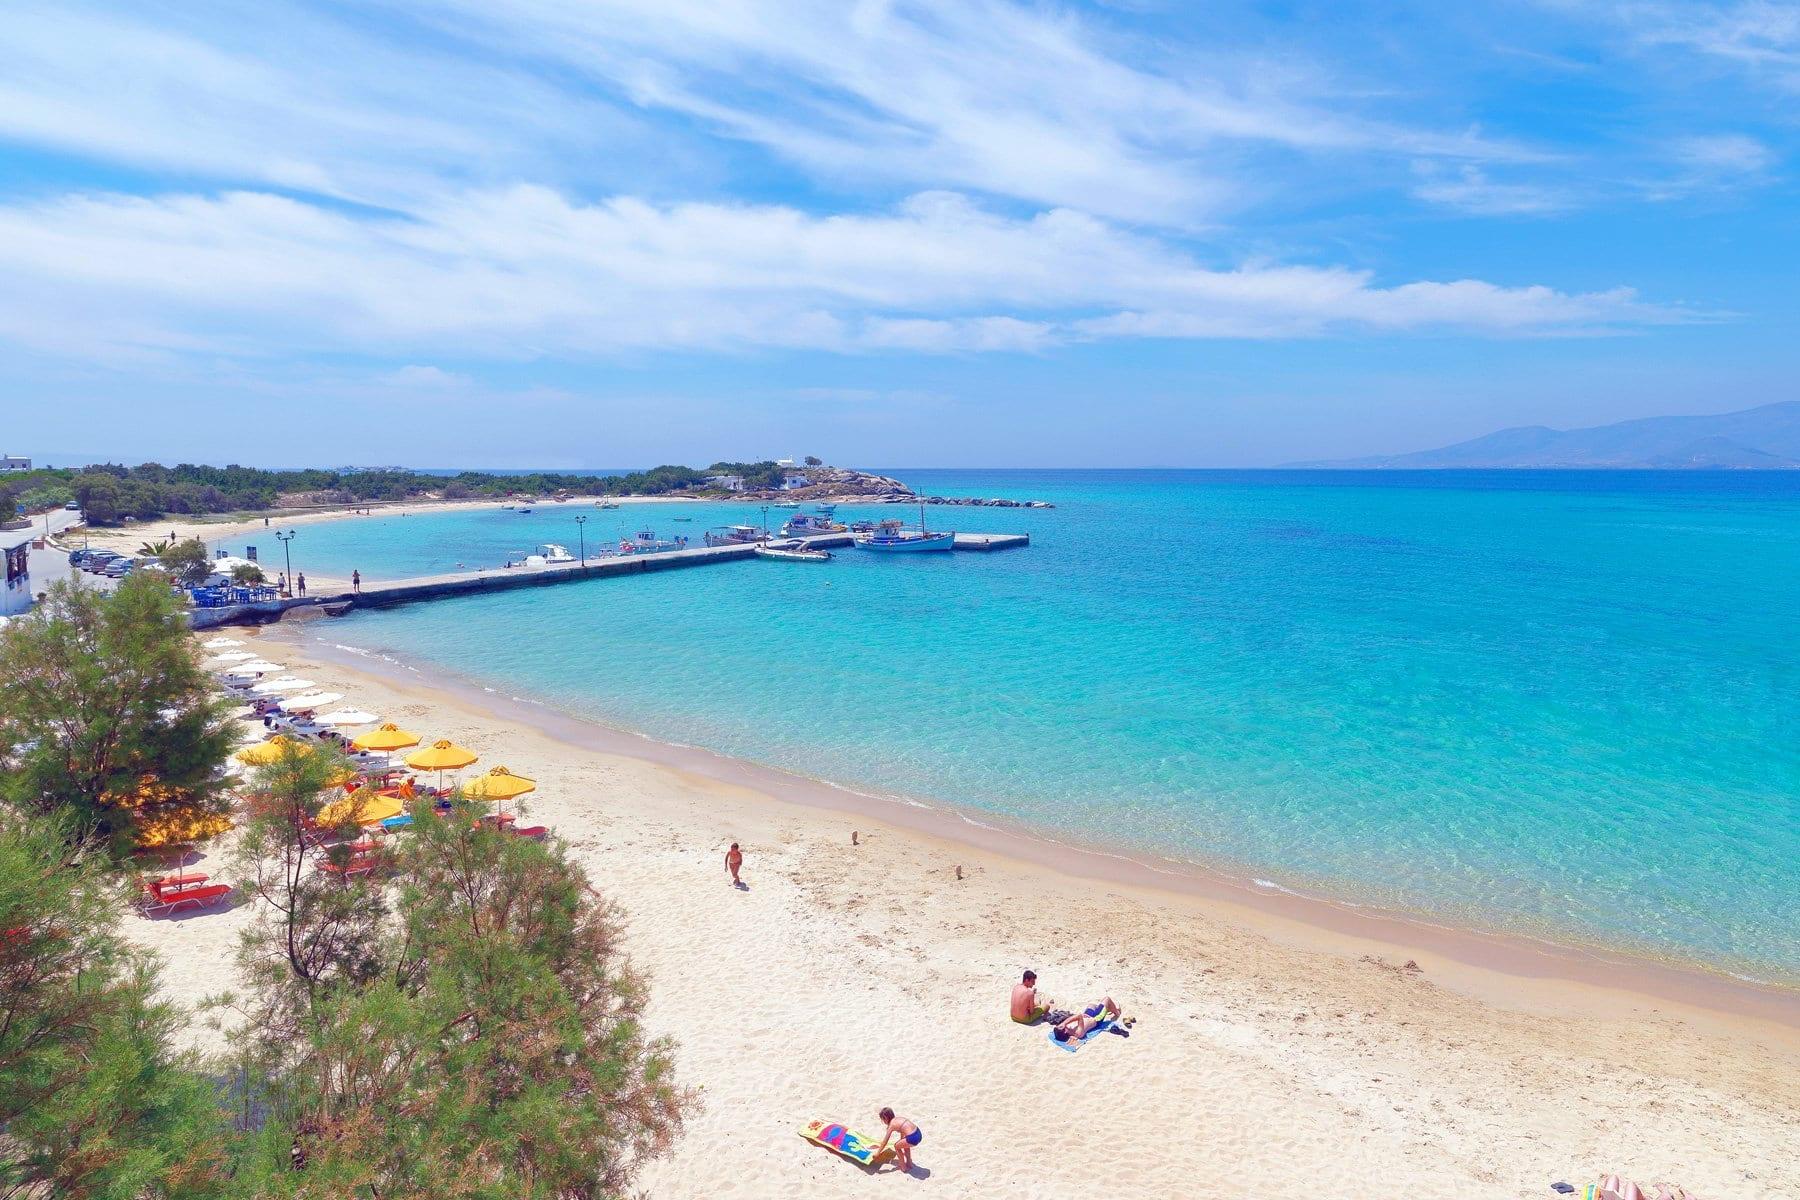 En Güzel Yunan Adaları: Naxos